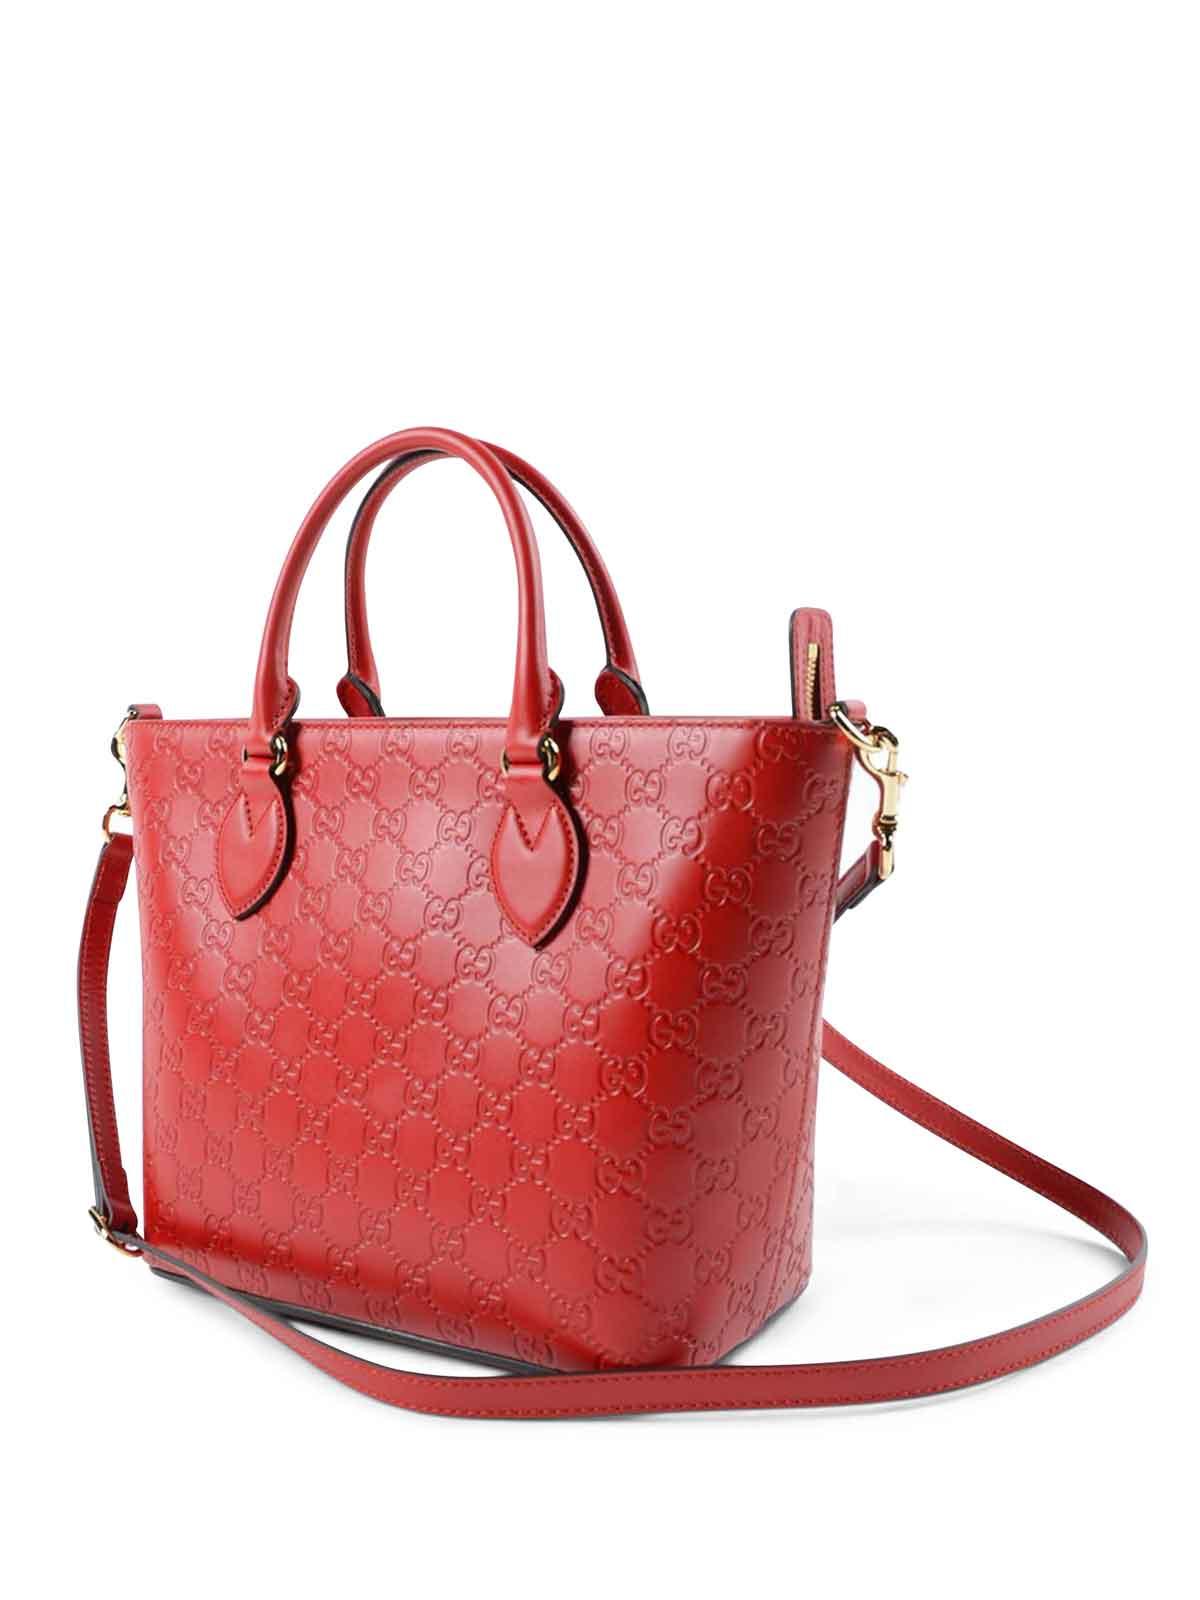 8b14bced8 Gucci - Gucci Signature tote - totes bags - 432124CWC1G 6433 | iKRIX.com